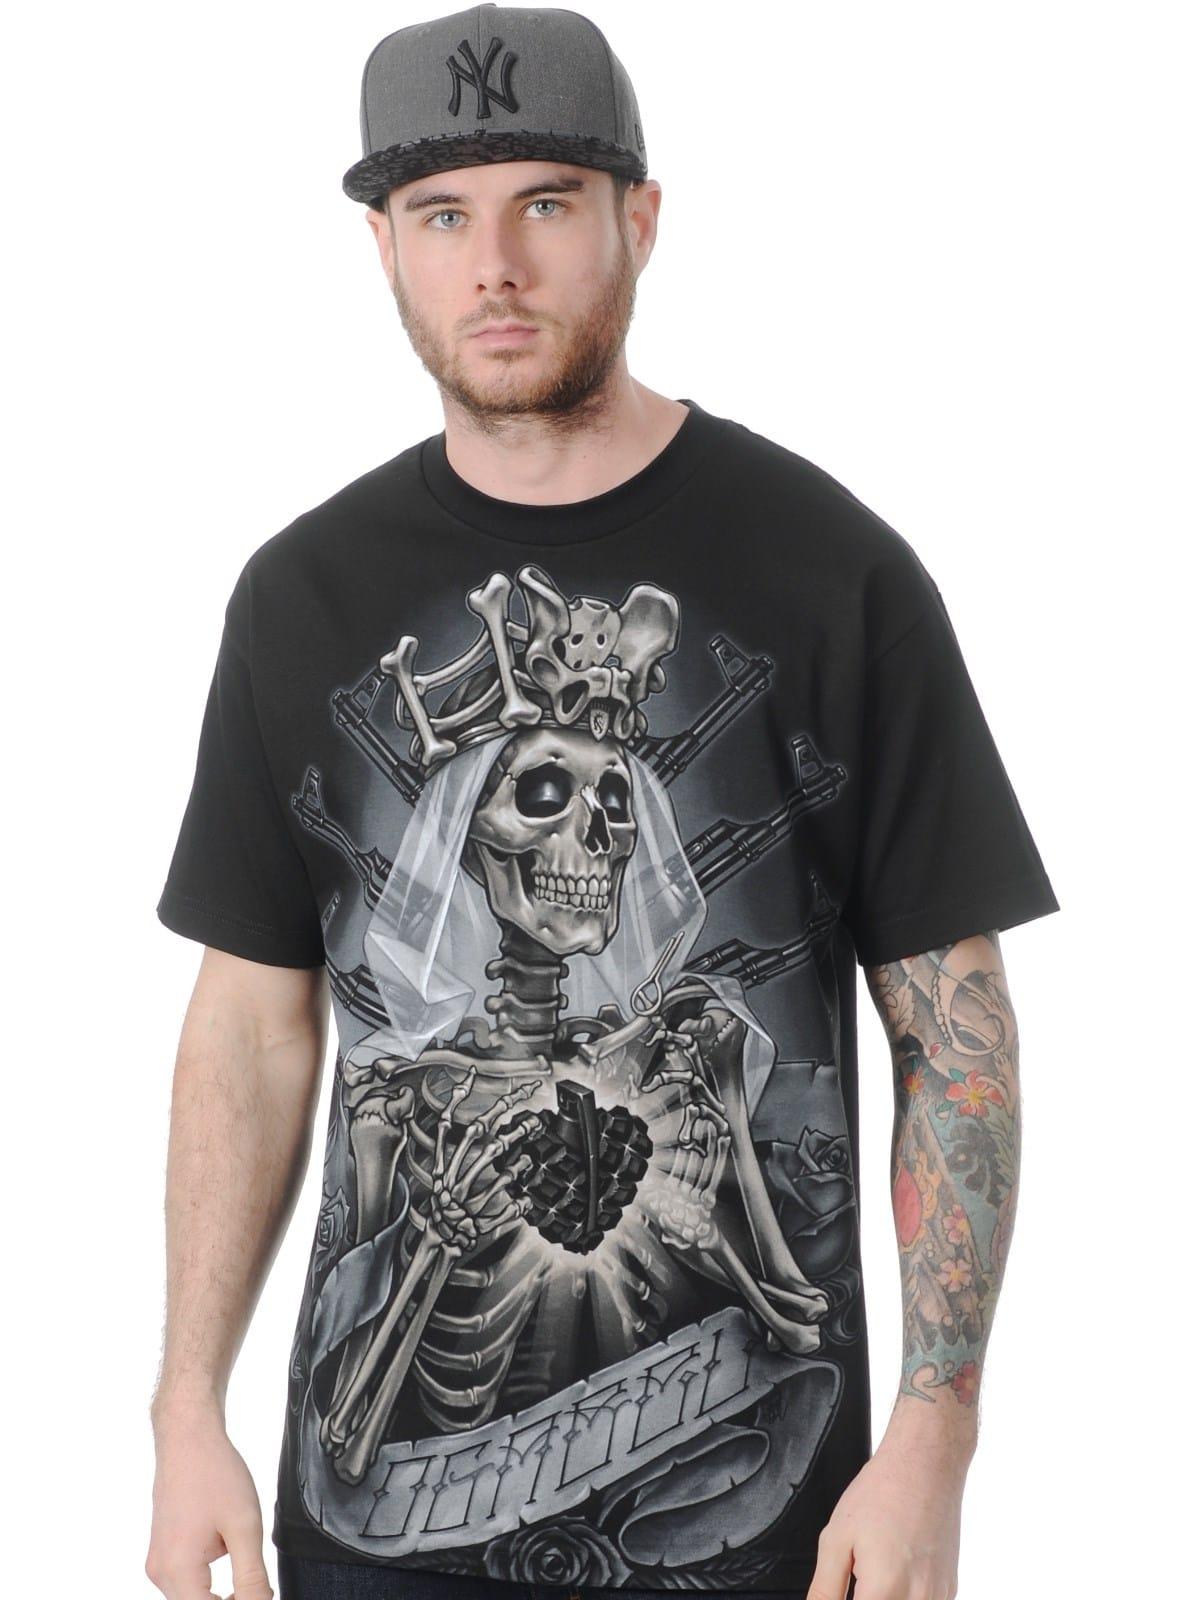 OG Abel Black Muerte T Shirt 0 bedef XL